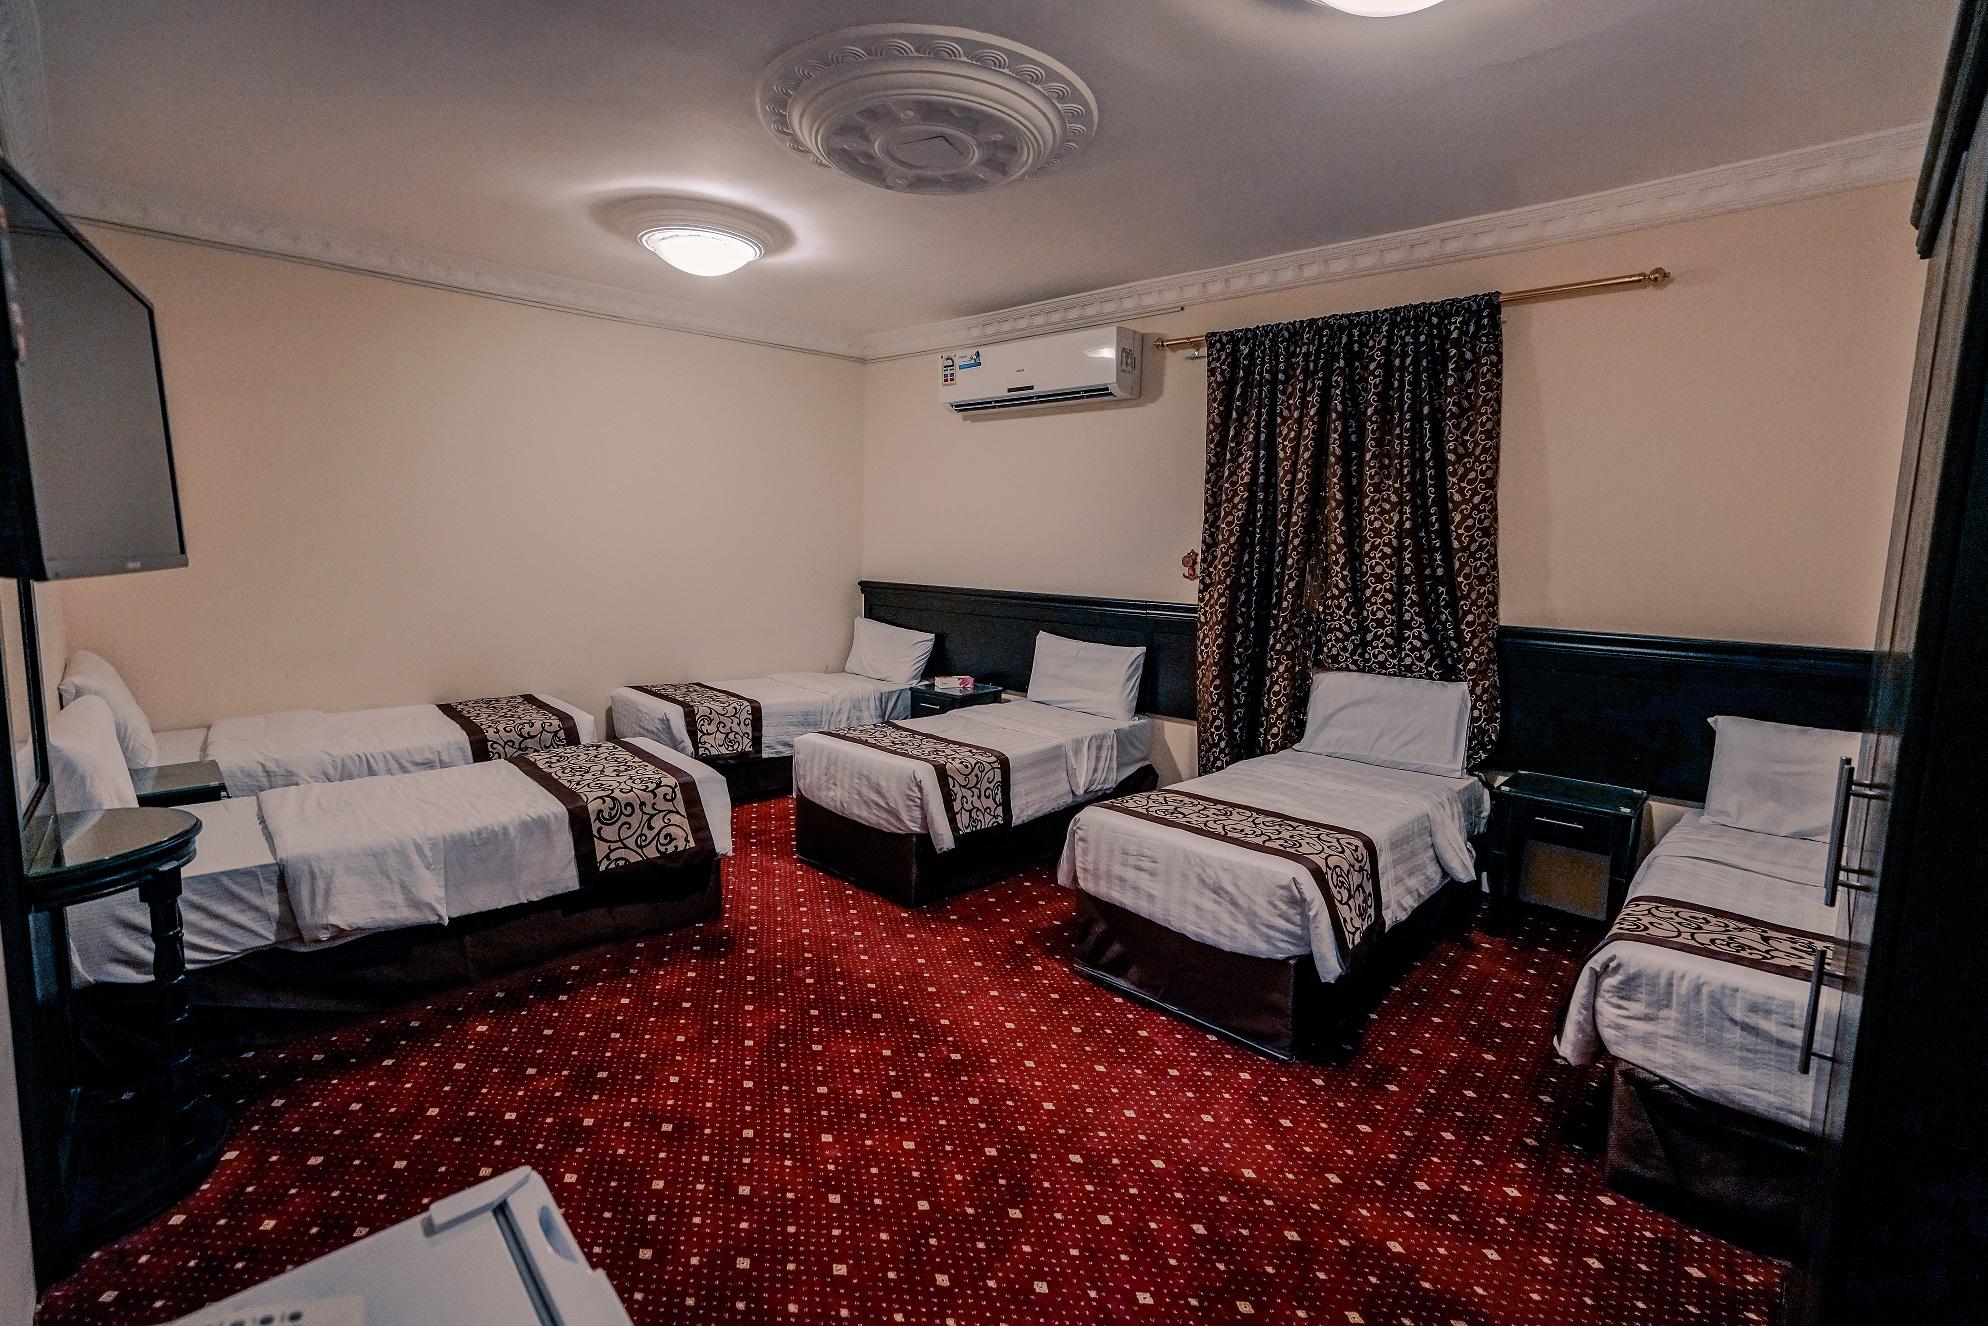 Family_Room_6_7_beds.jpg